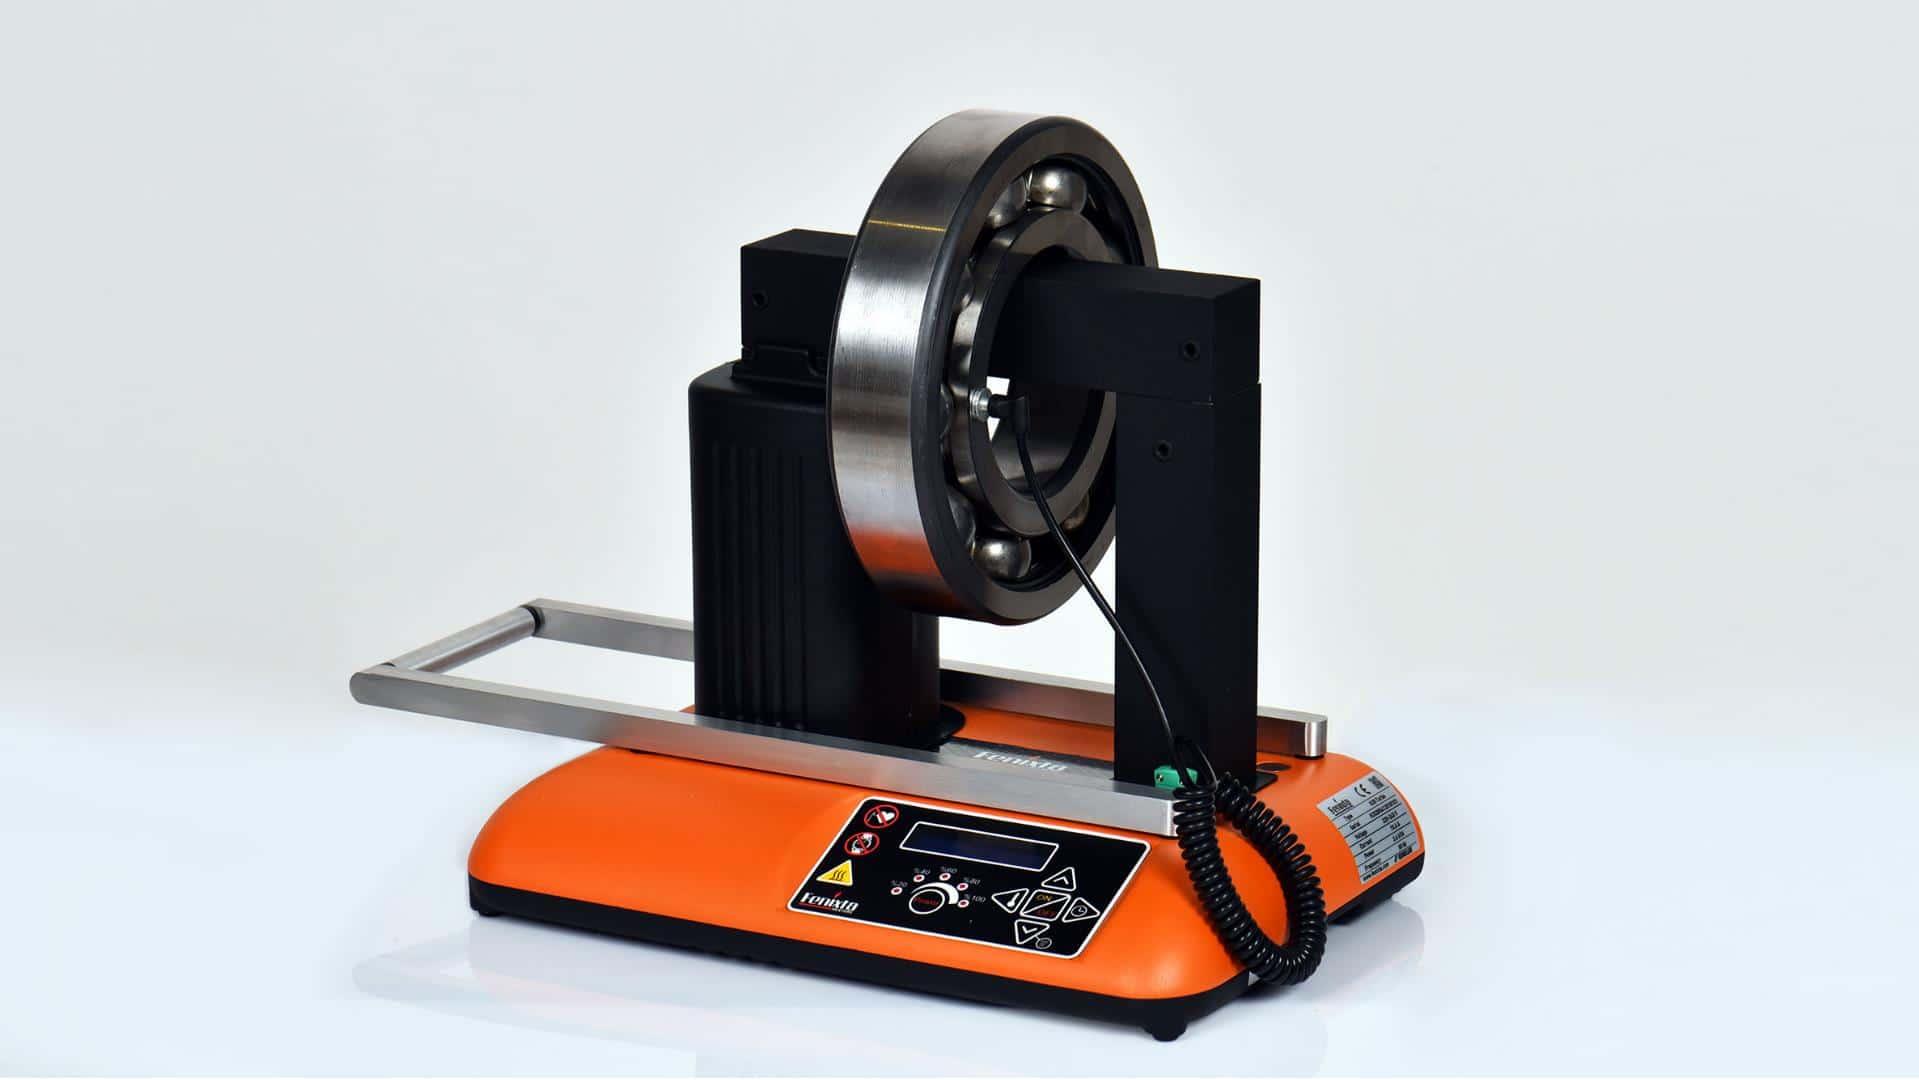 Fenixta H35 turbo rulman ısıtma cihazı bar ısıtma